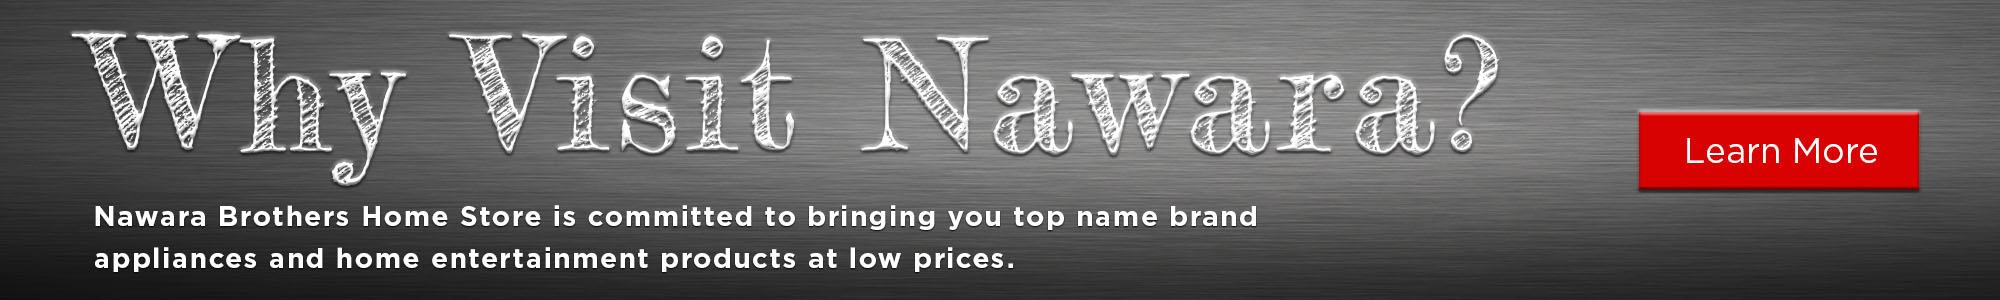 Why Visit Nawara?